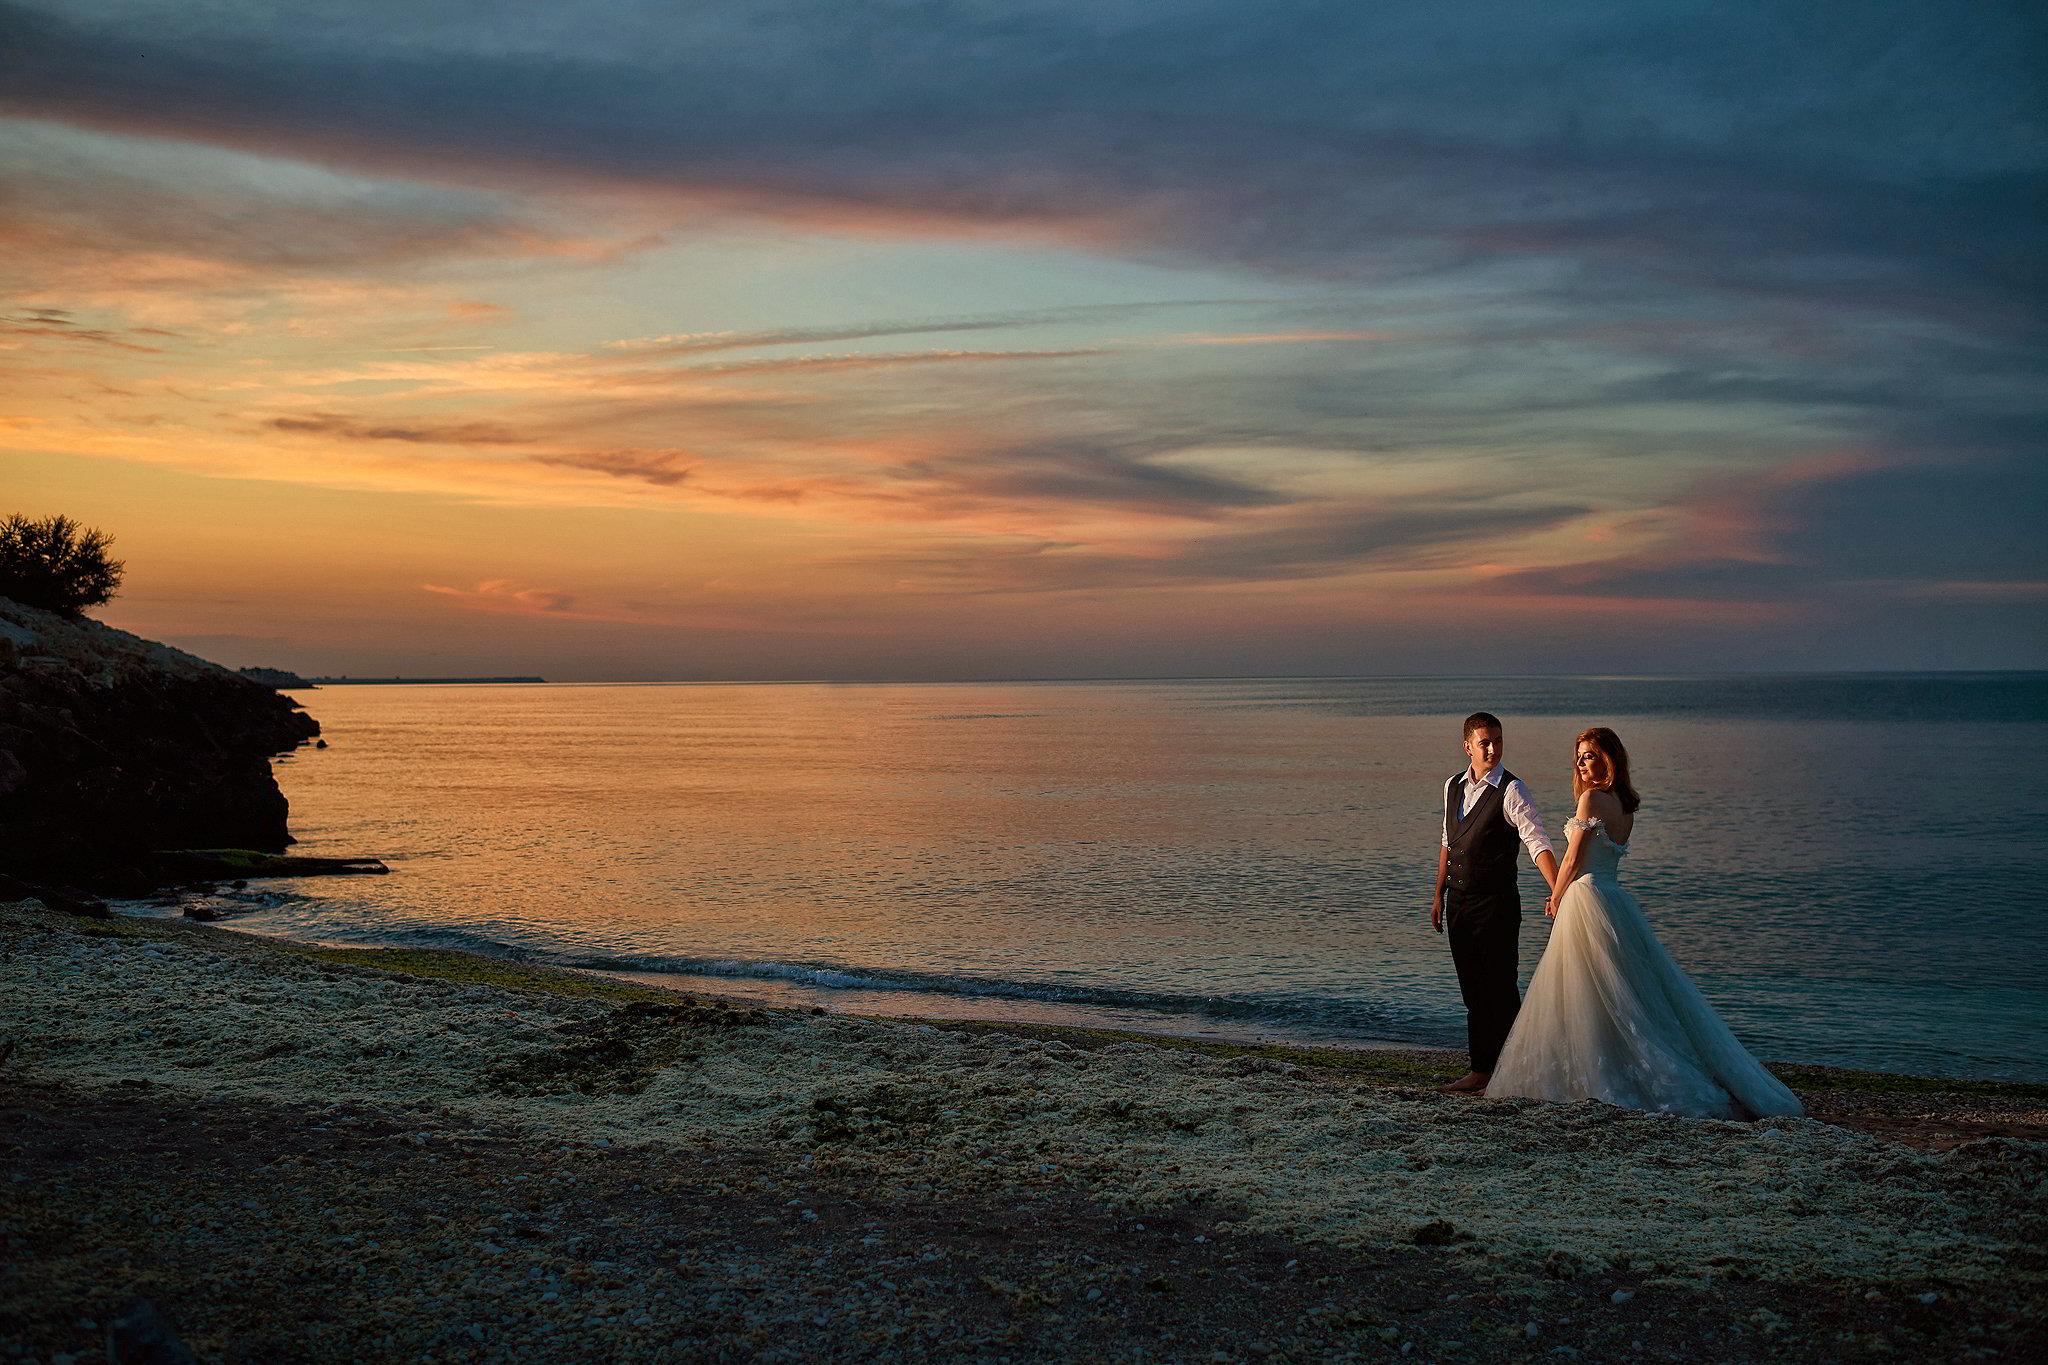 fotograf nunta constanta 5